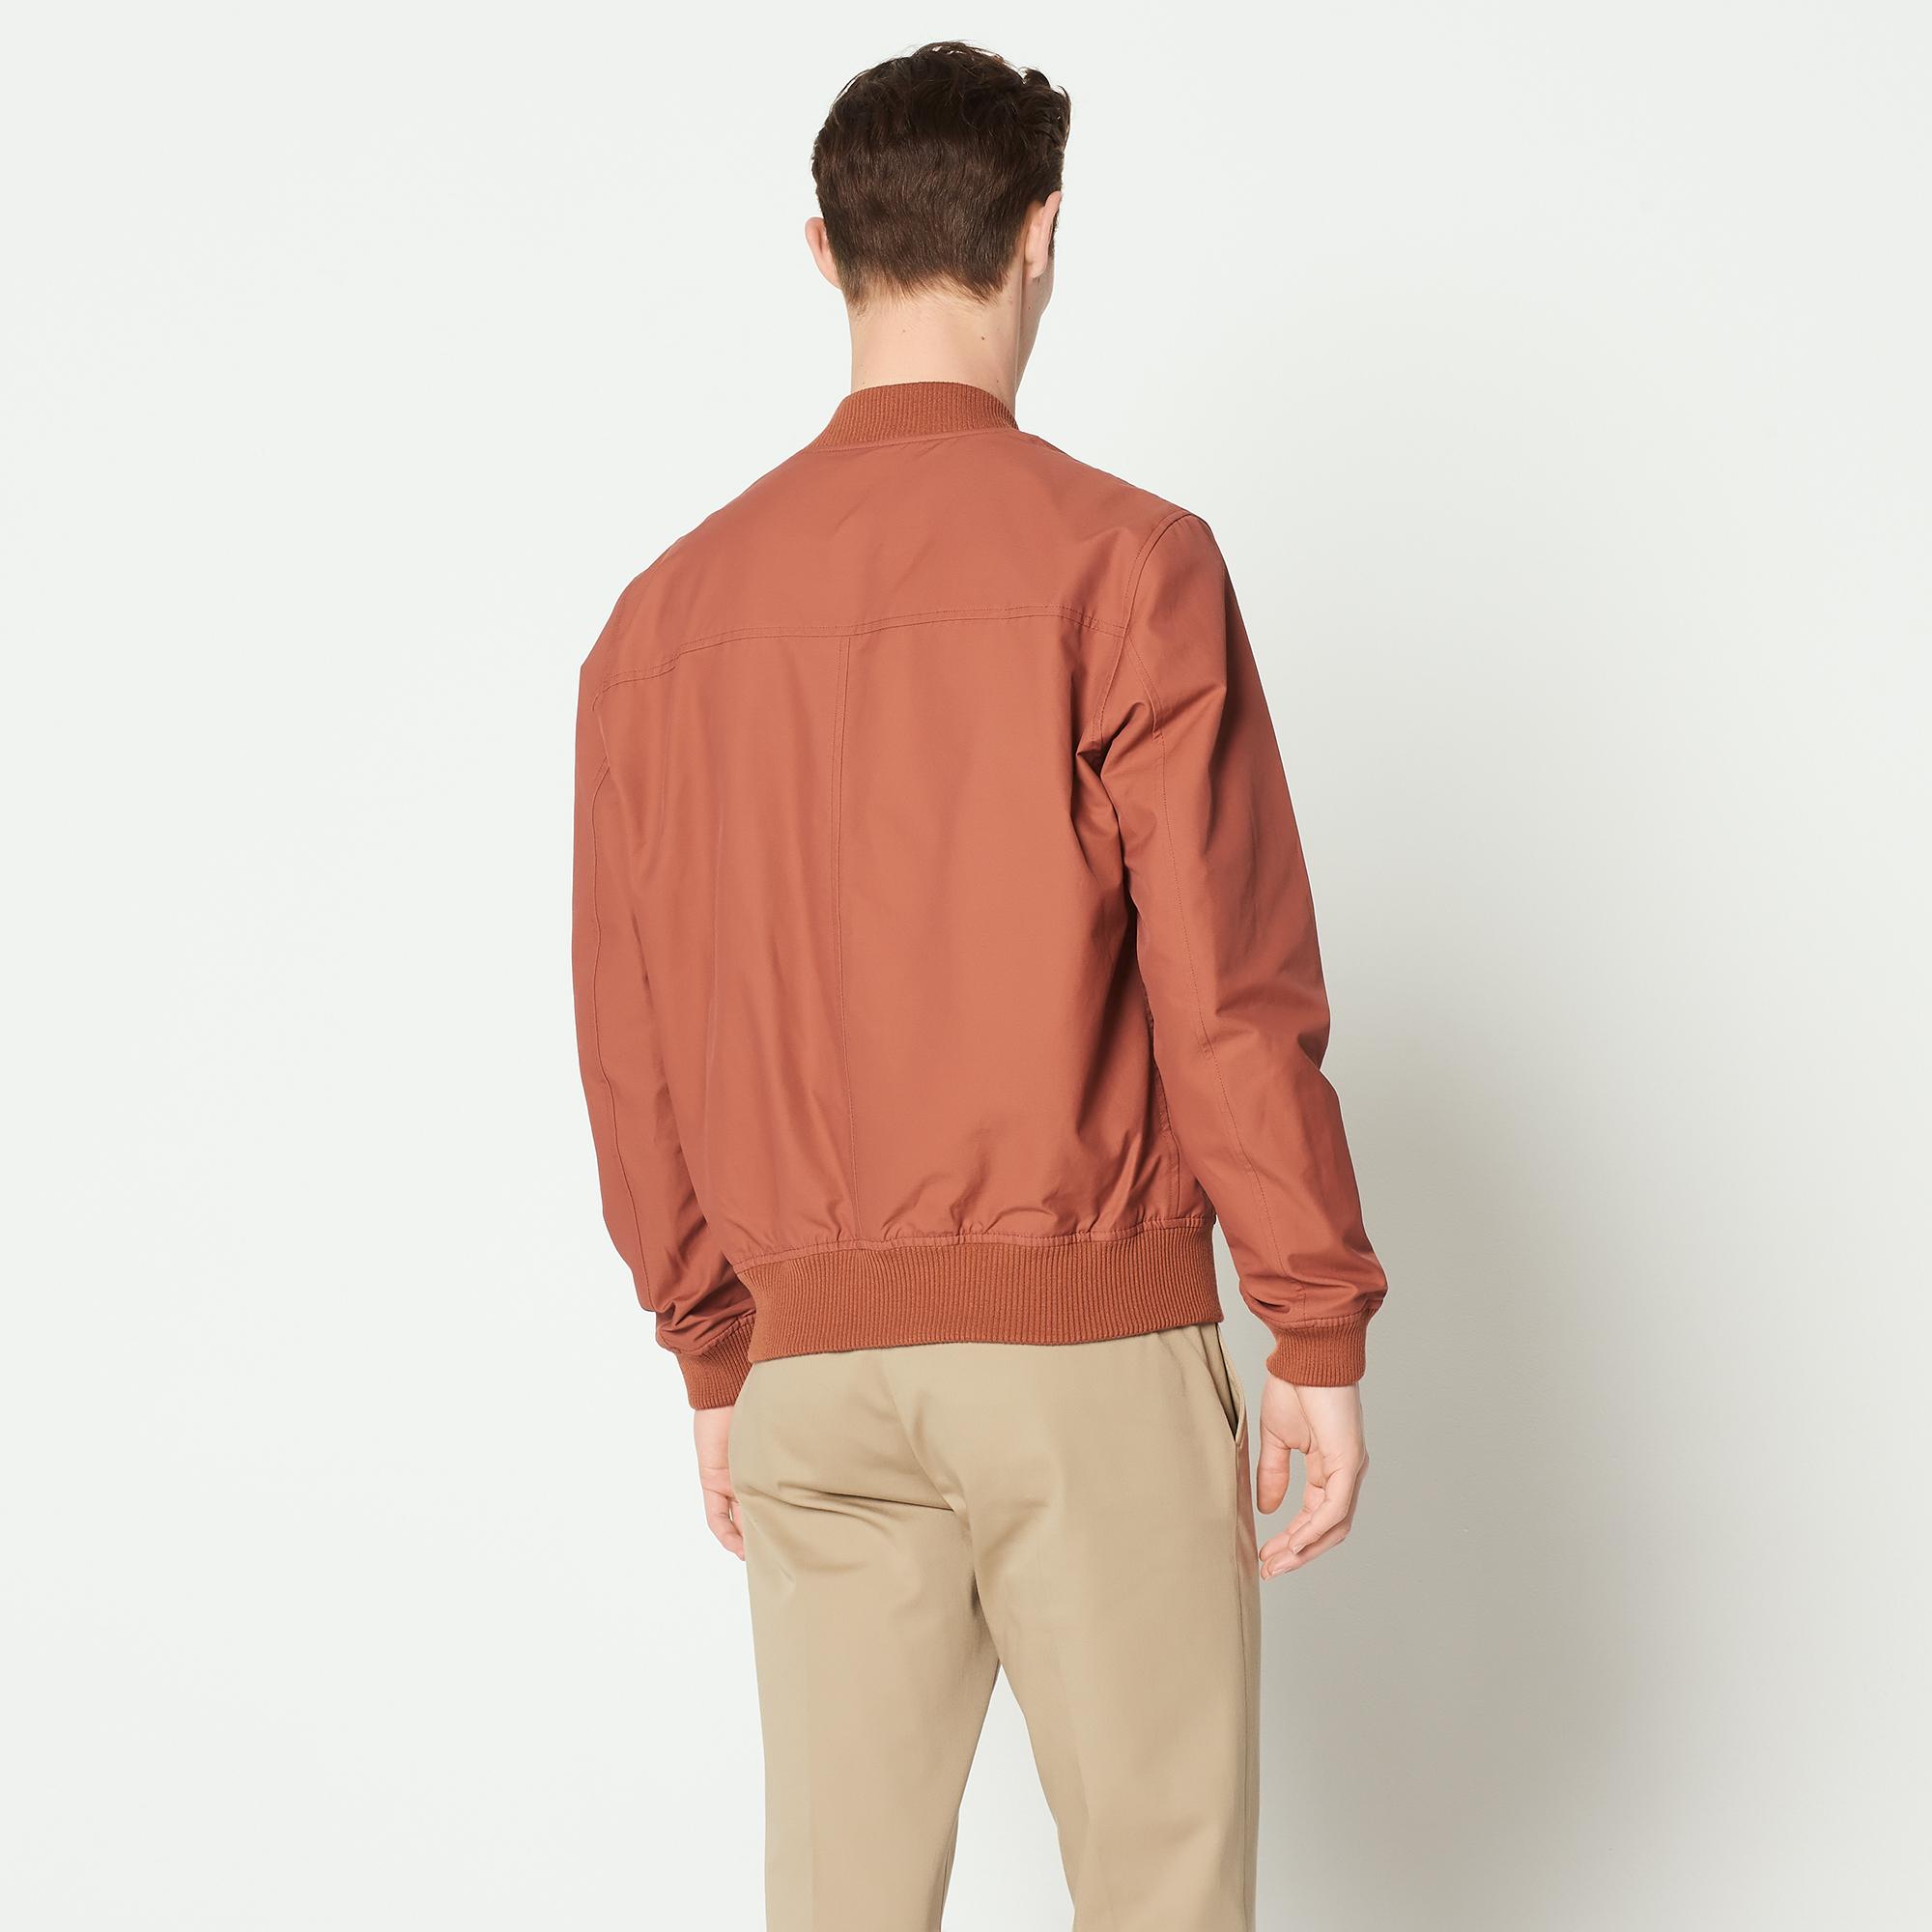 Giubbotto con zip stile bomber : Sandro x Mr Porter colore Terracotta